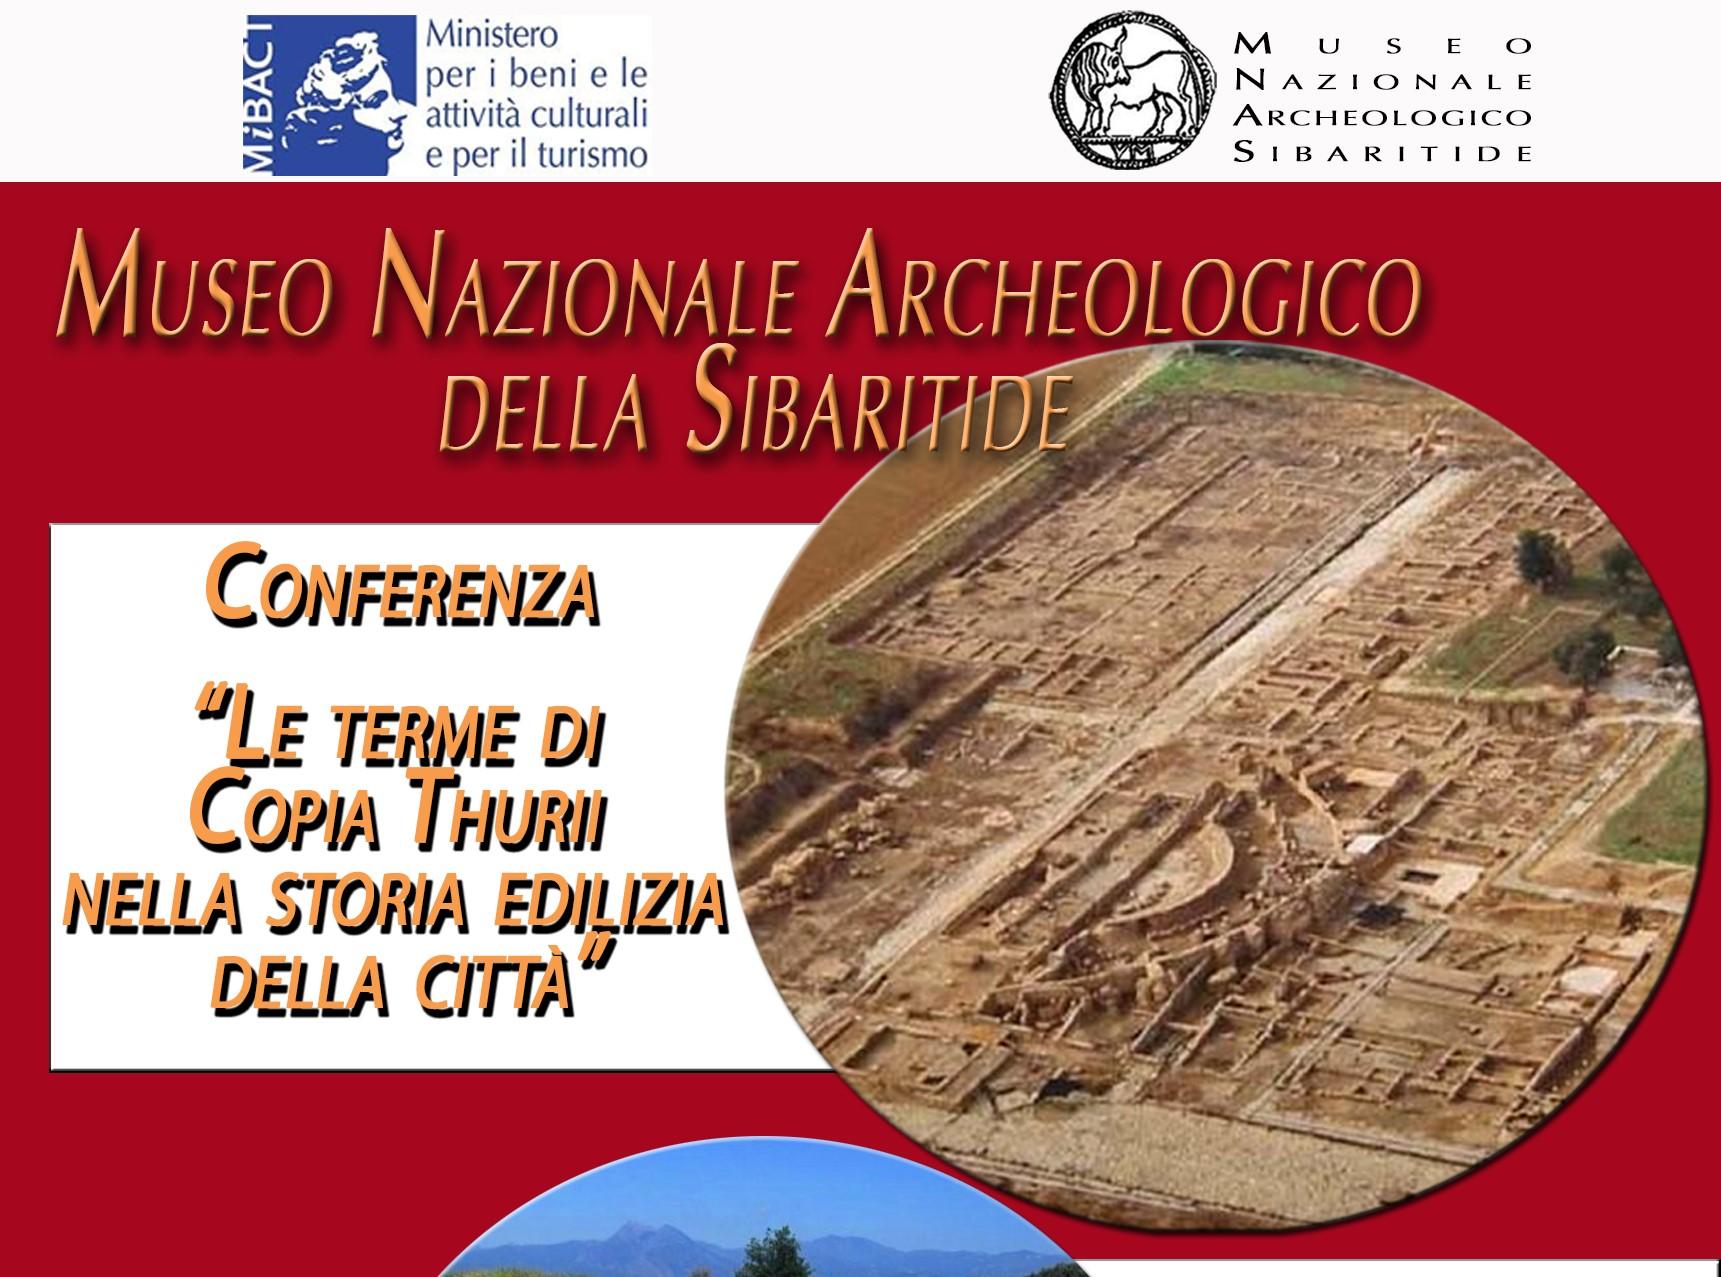 Le terme di Copia Thurii nella storia edilizia della città: la conferenza a Cassano all'Ionio